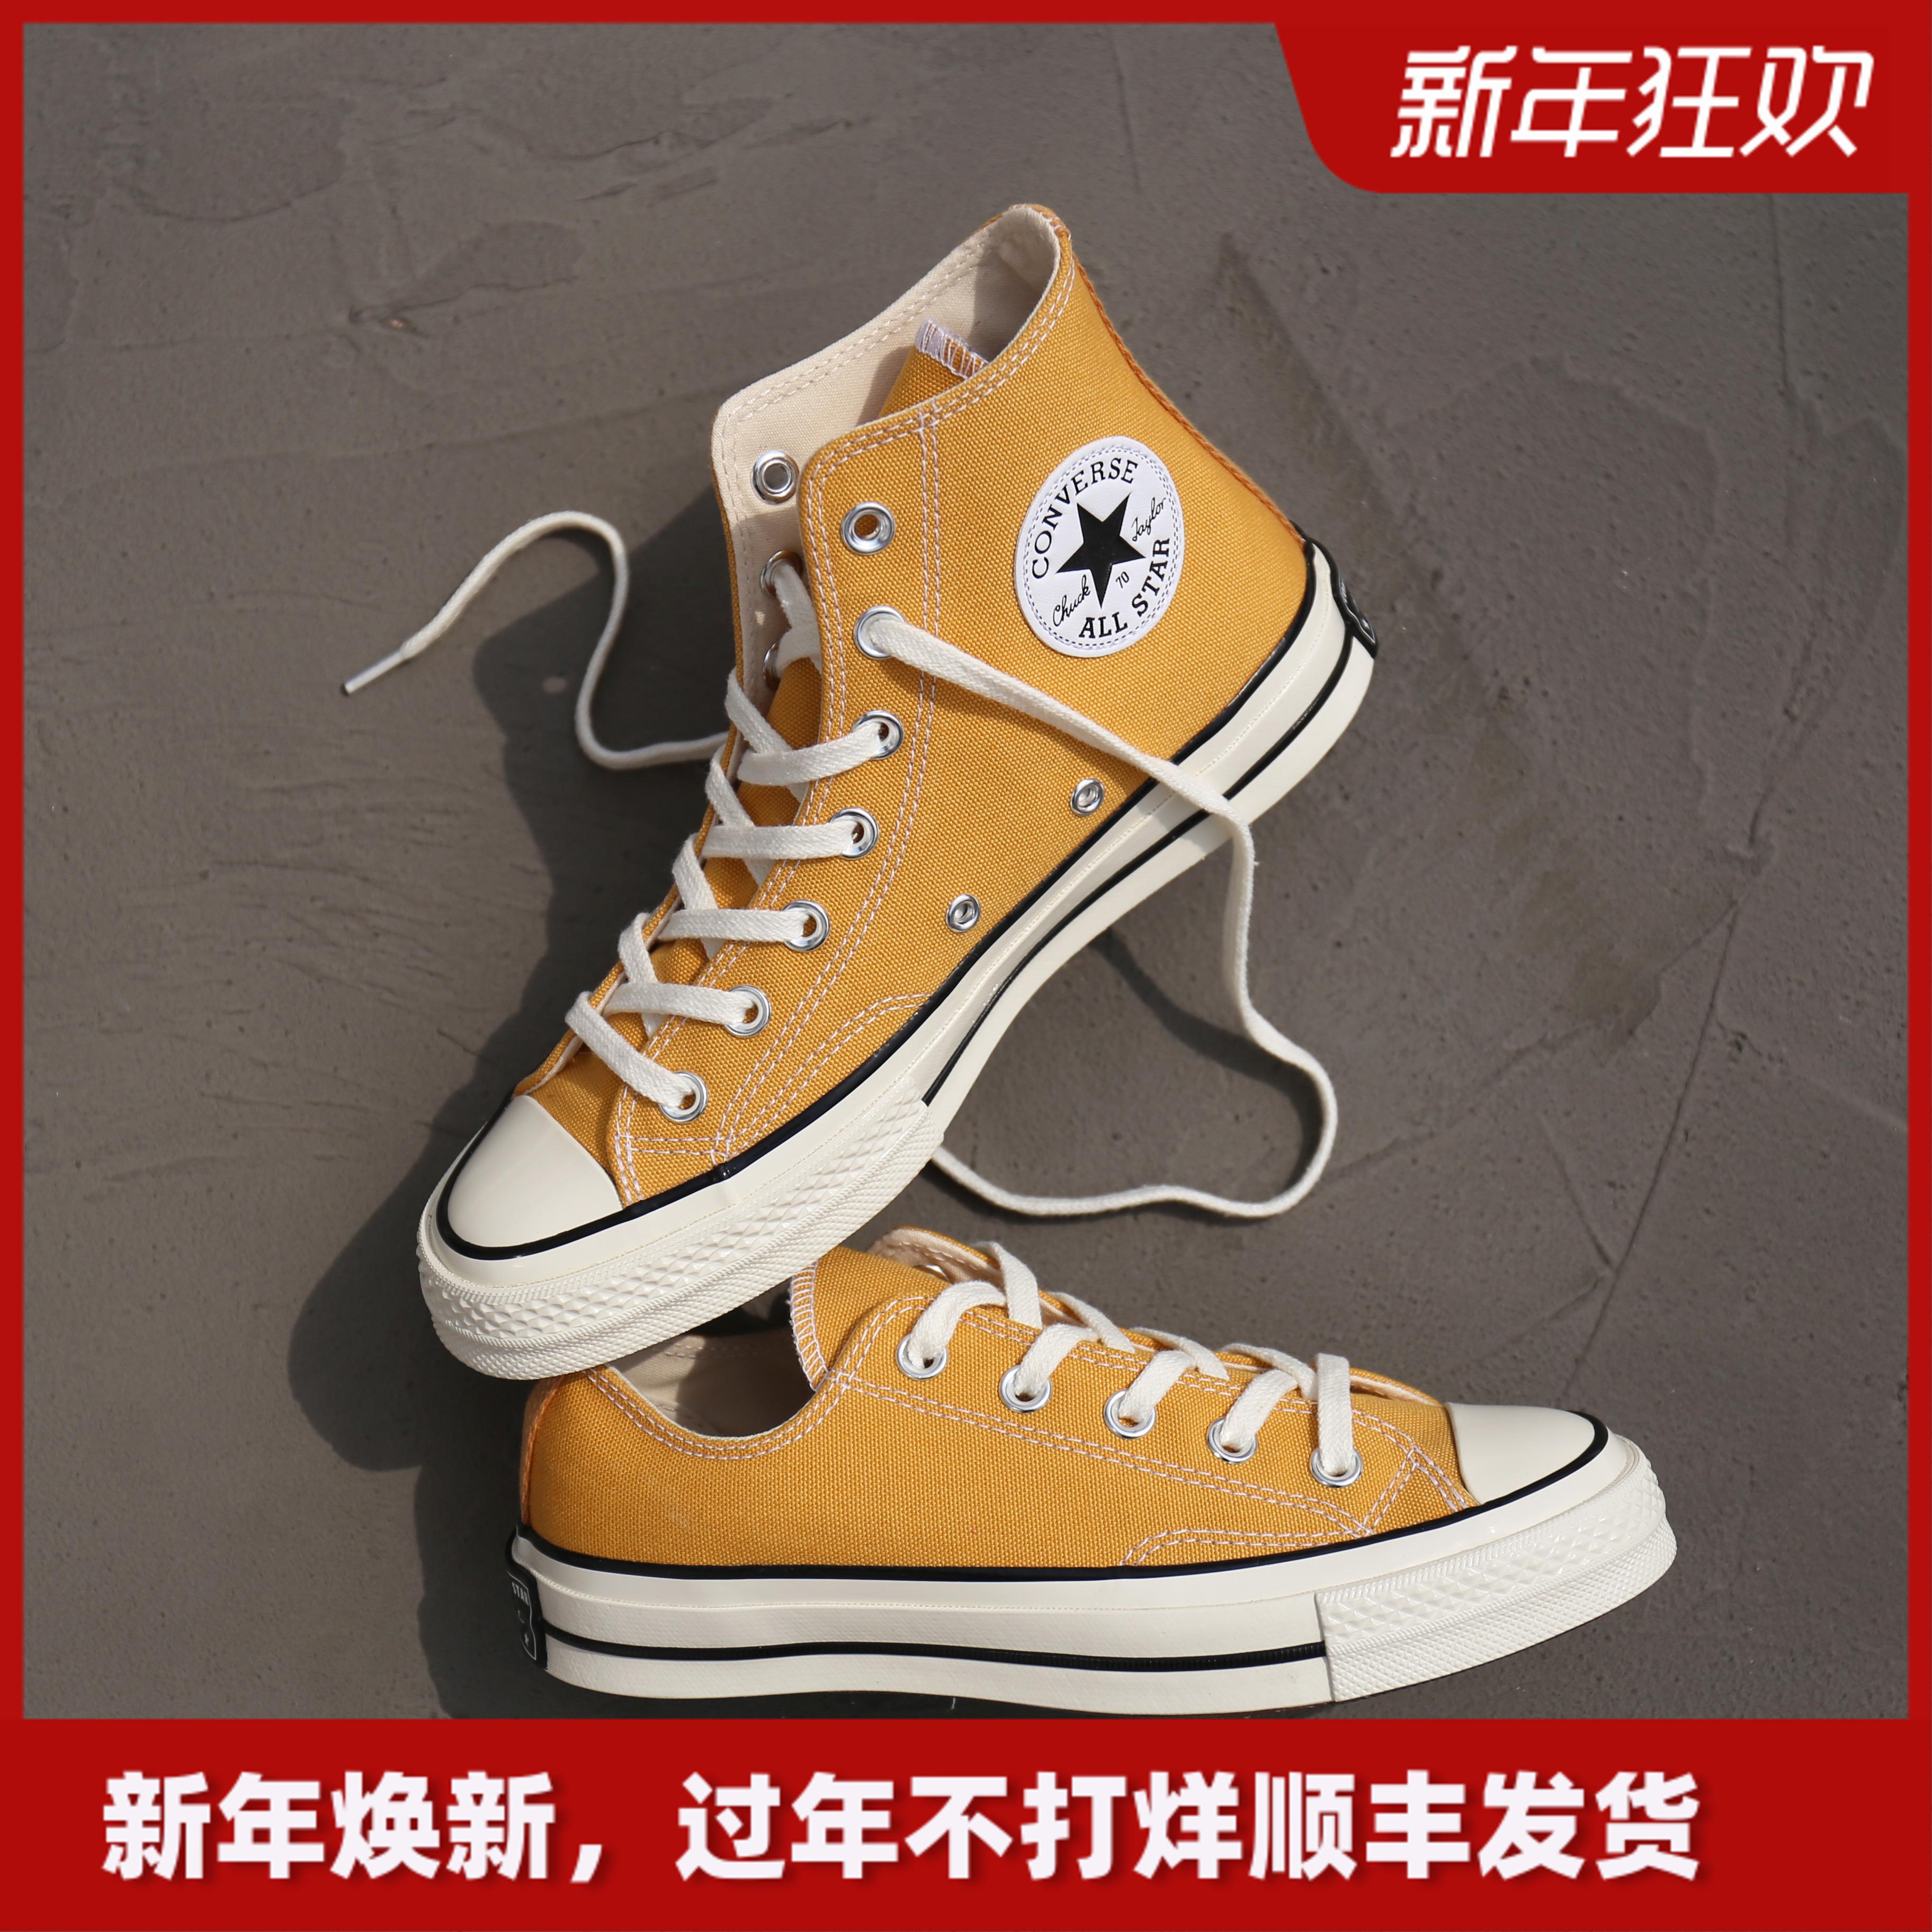 黄色帆布鞋 Converse 匡威1970s黄色高帮黄色低帮三星标帆布鞋159189c 162054_推荐淘宝好看的黄色帆布鞋